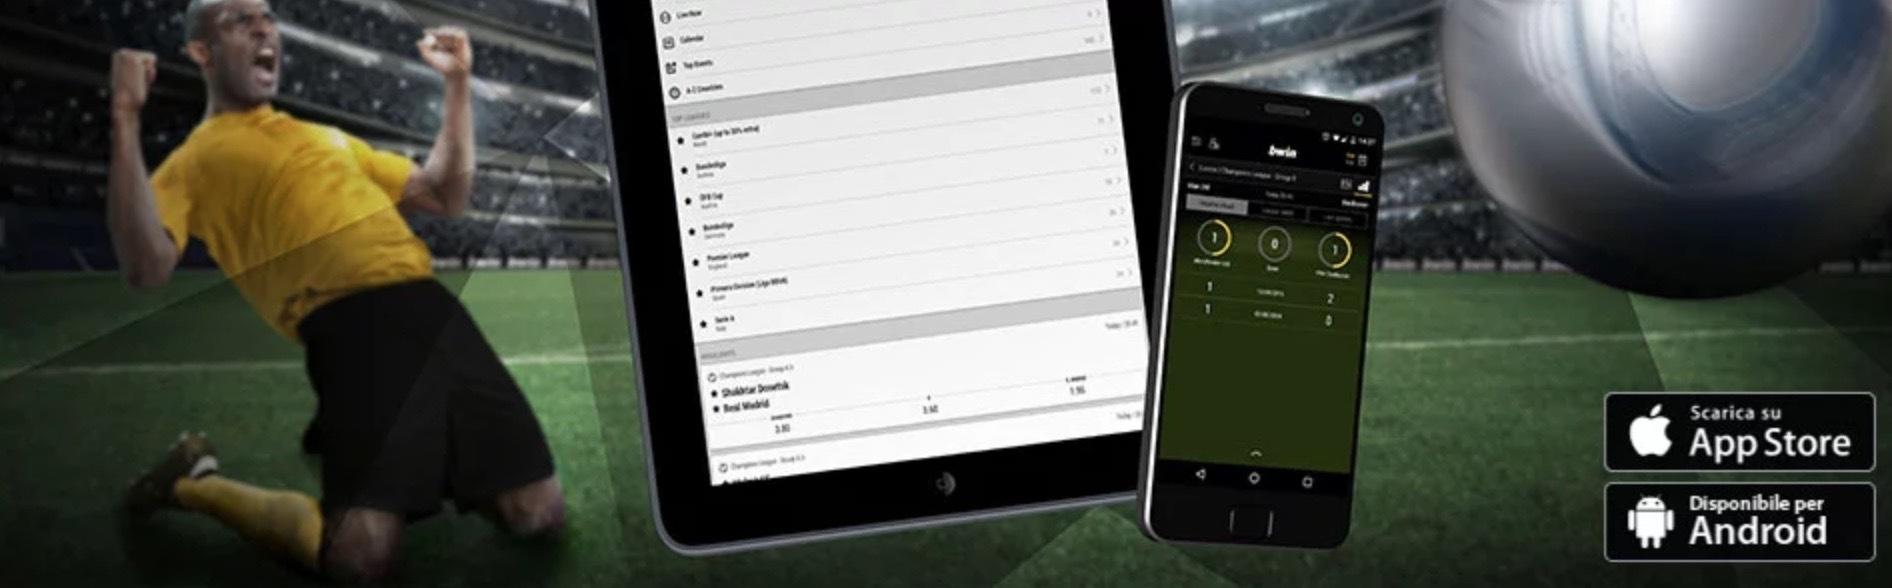 bwin mobile app